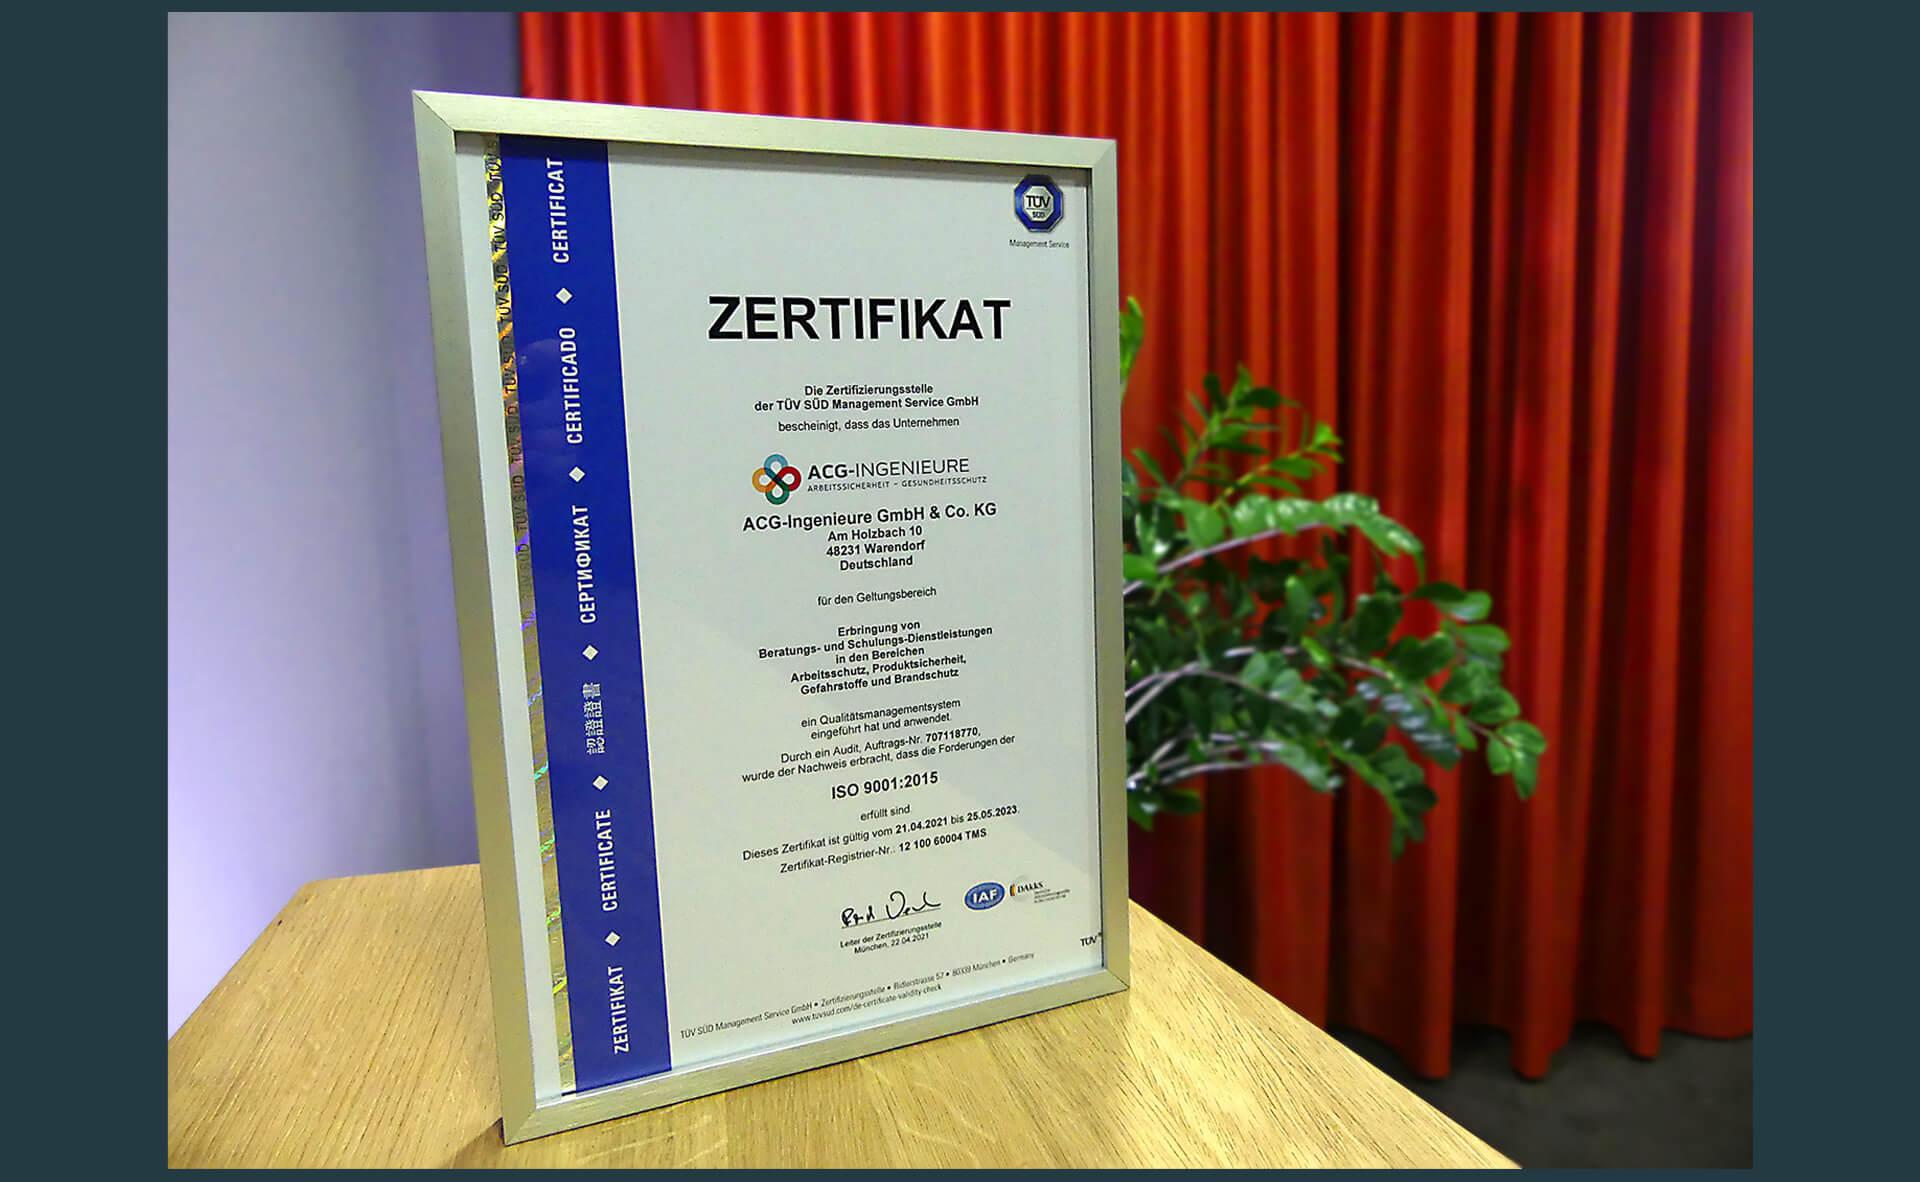 Wir präsentieren das neue Zertifikat für die erfolgreiche Zertifizierung nach ISO 9001:2015